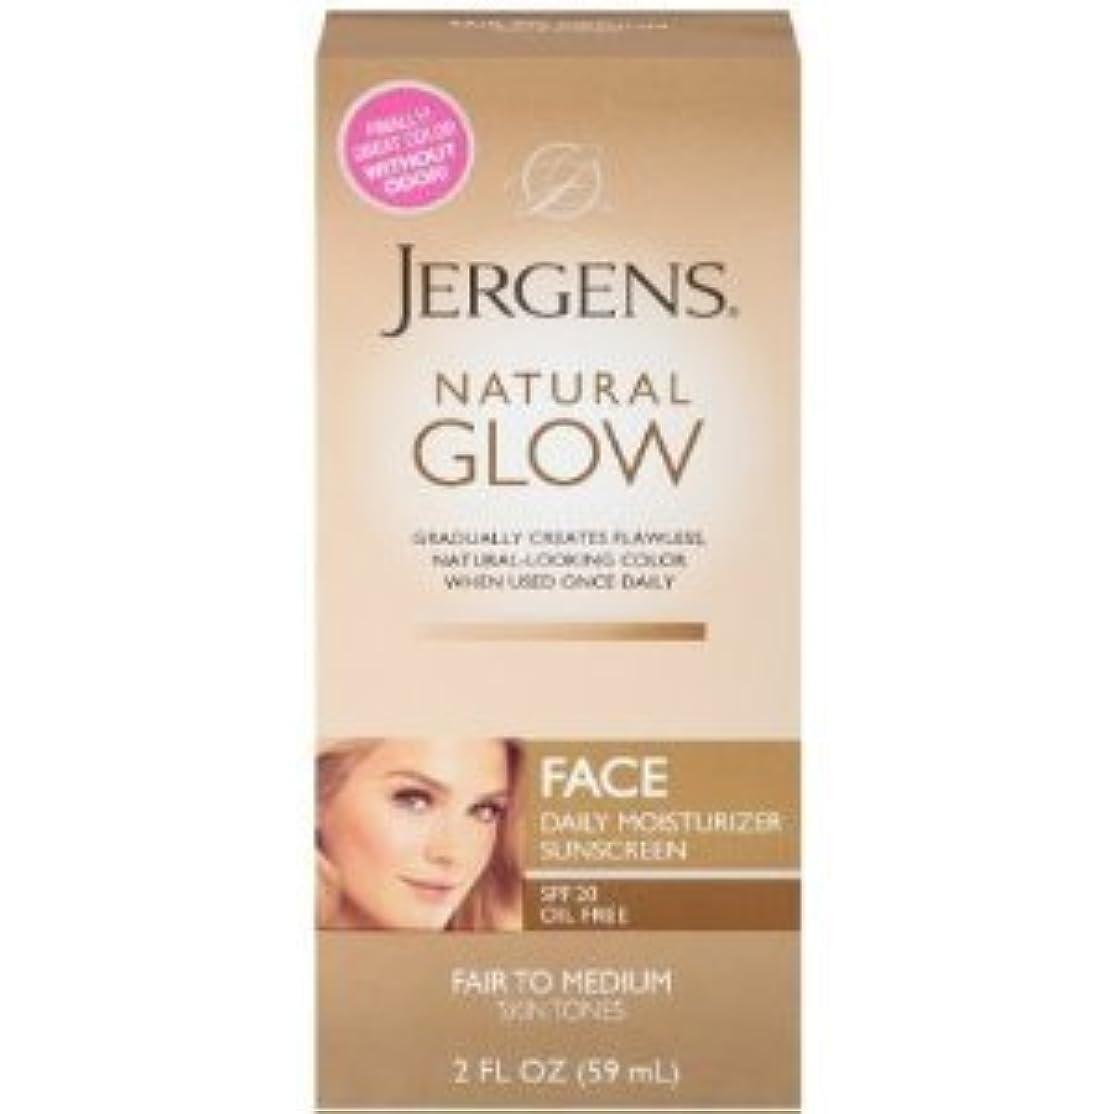 バリケード矛盾相反するNatural Glow Healthy Complexion Daily Facial Moisturizer, SPF 20, Fair to Medium Tan, (59ml) (海外直送品)